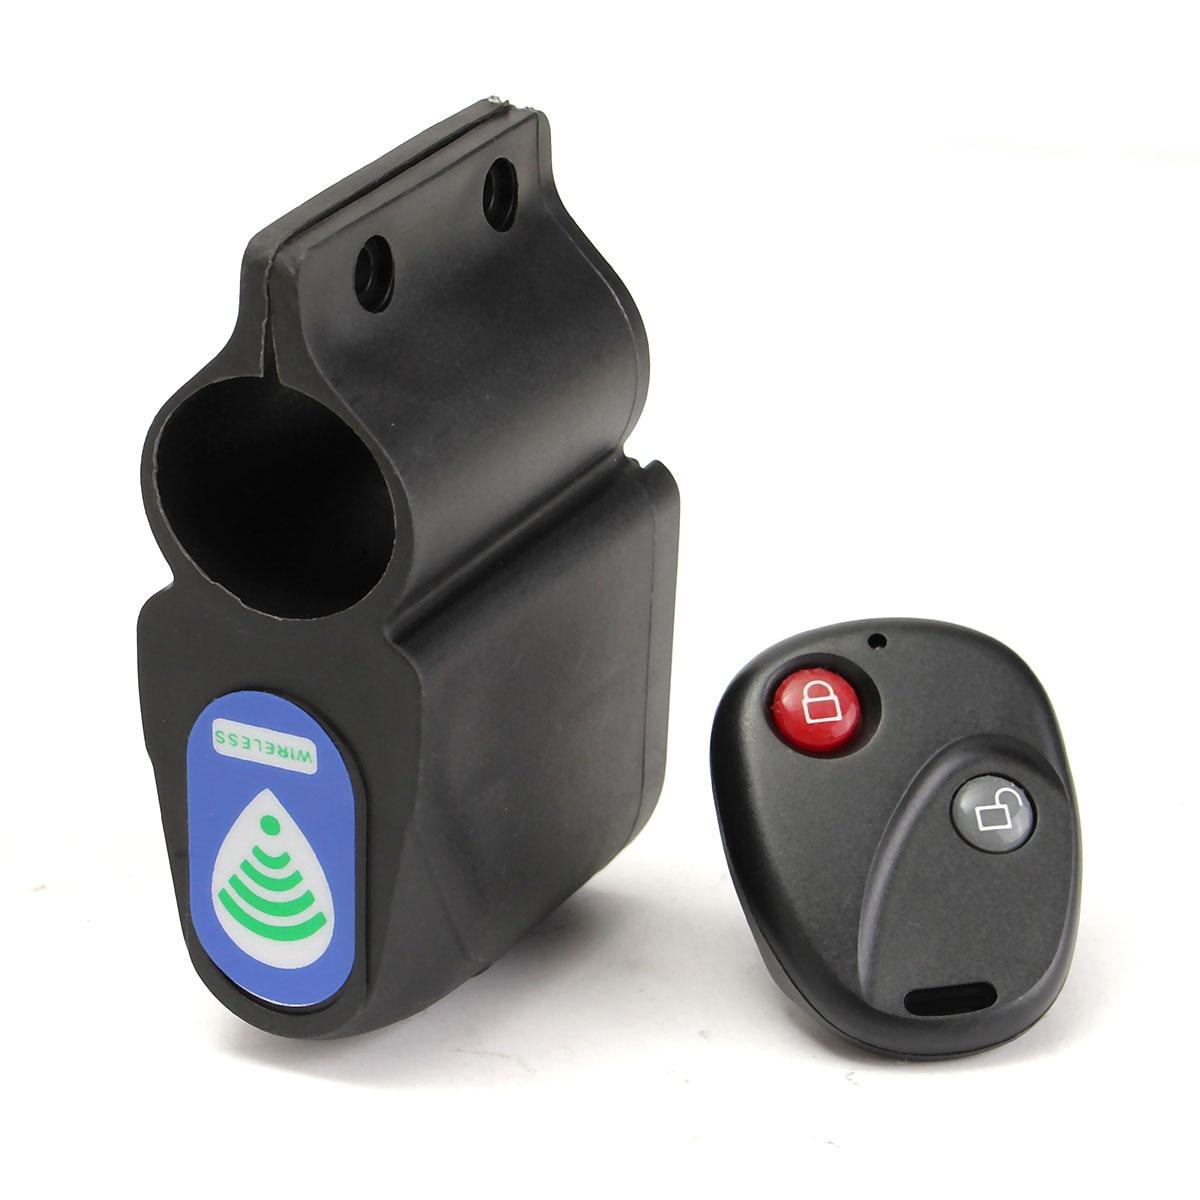 Wireless Remote Control A...